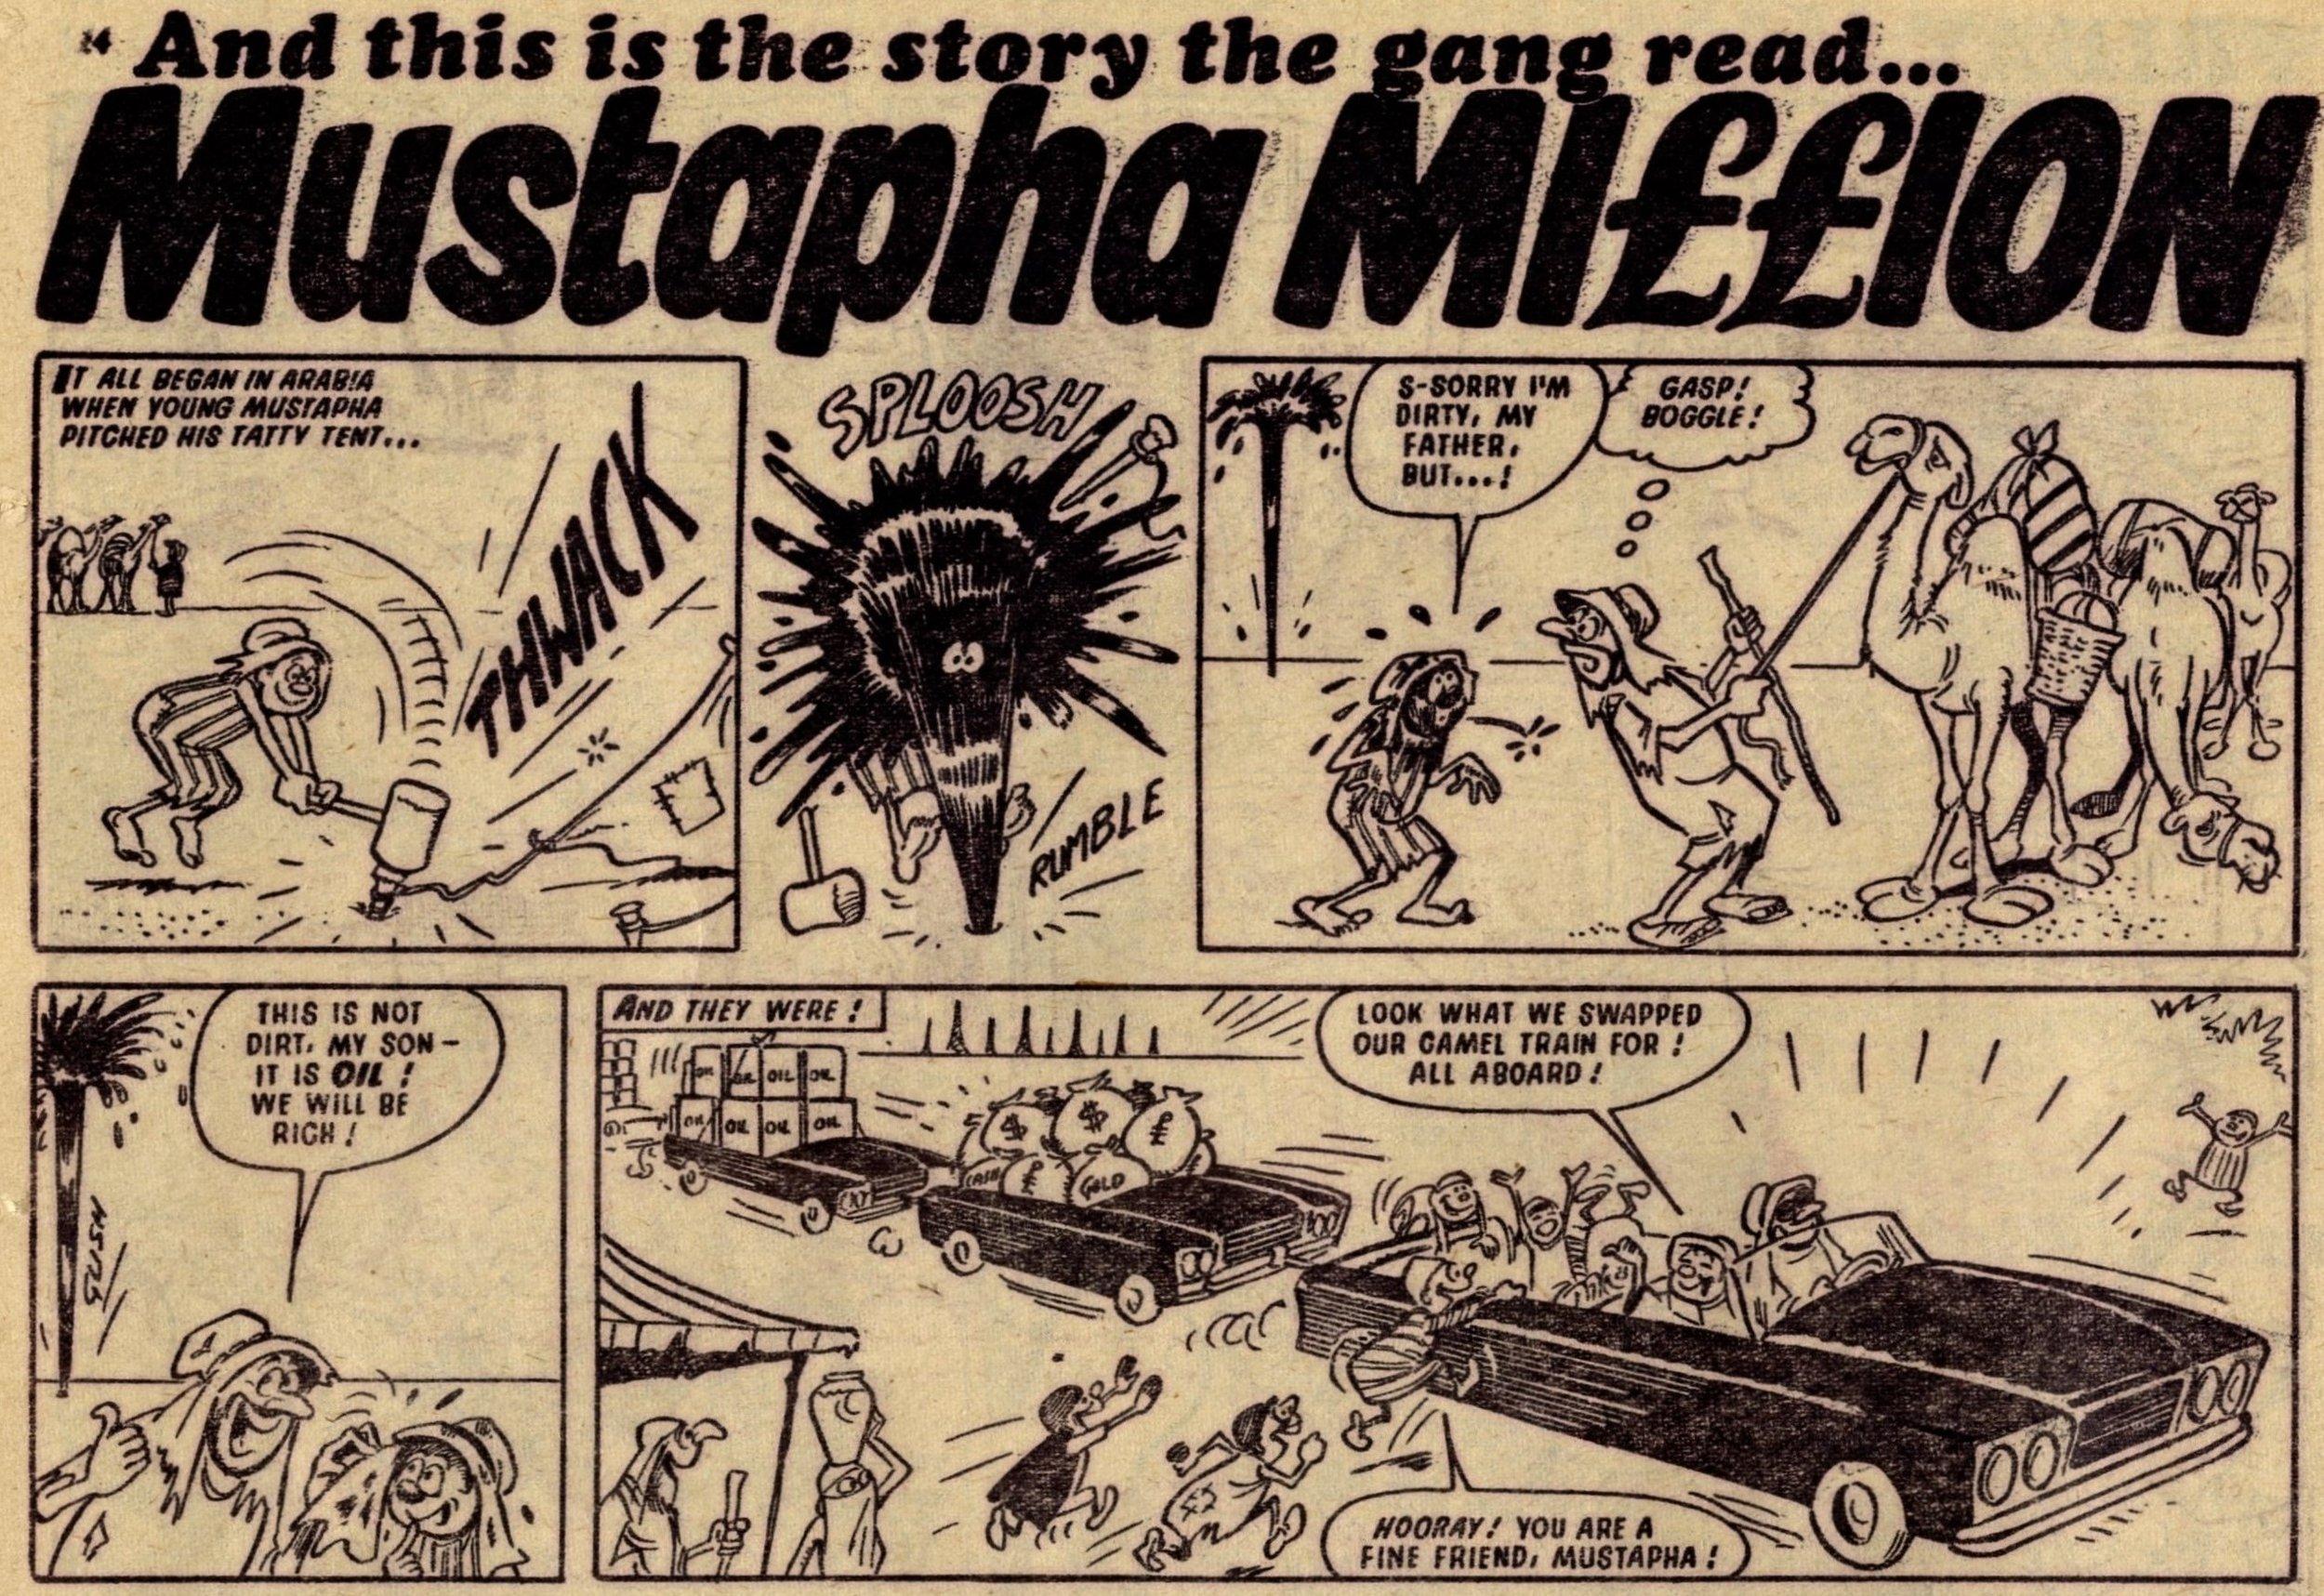 Mustapha Million: Reg Parlett (artist)